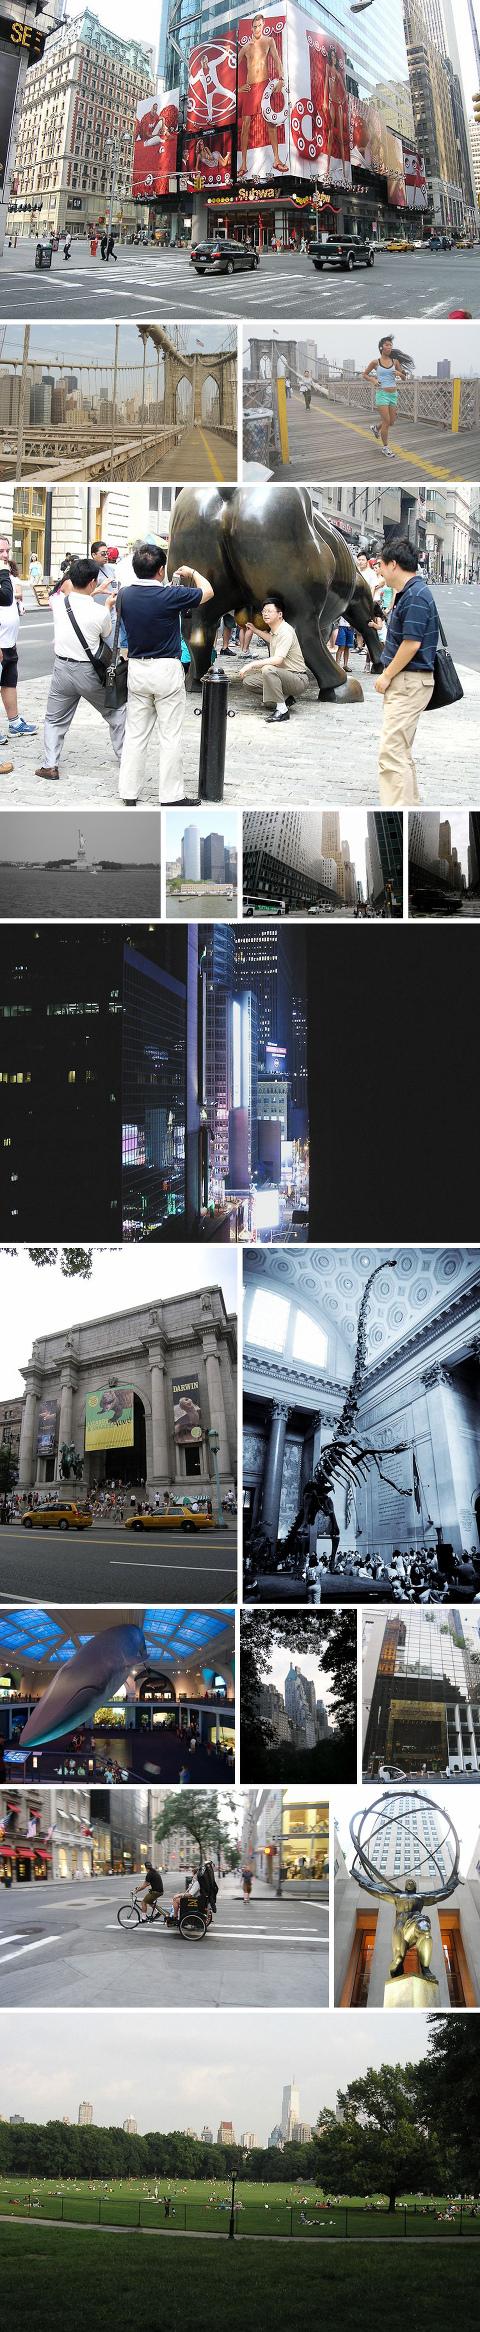 NY2(pp w480 h2332) - NY new york elopement photographer